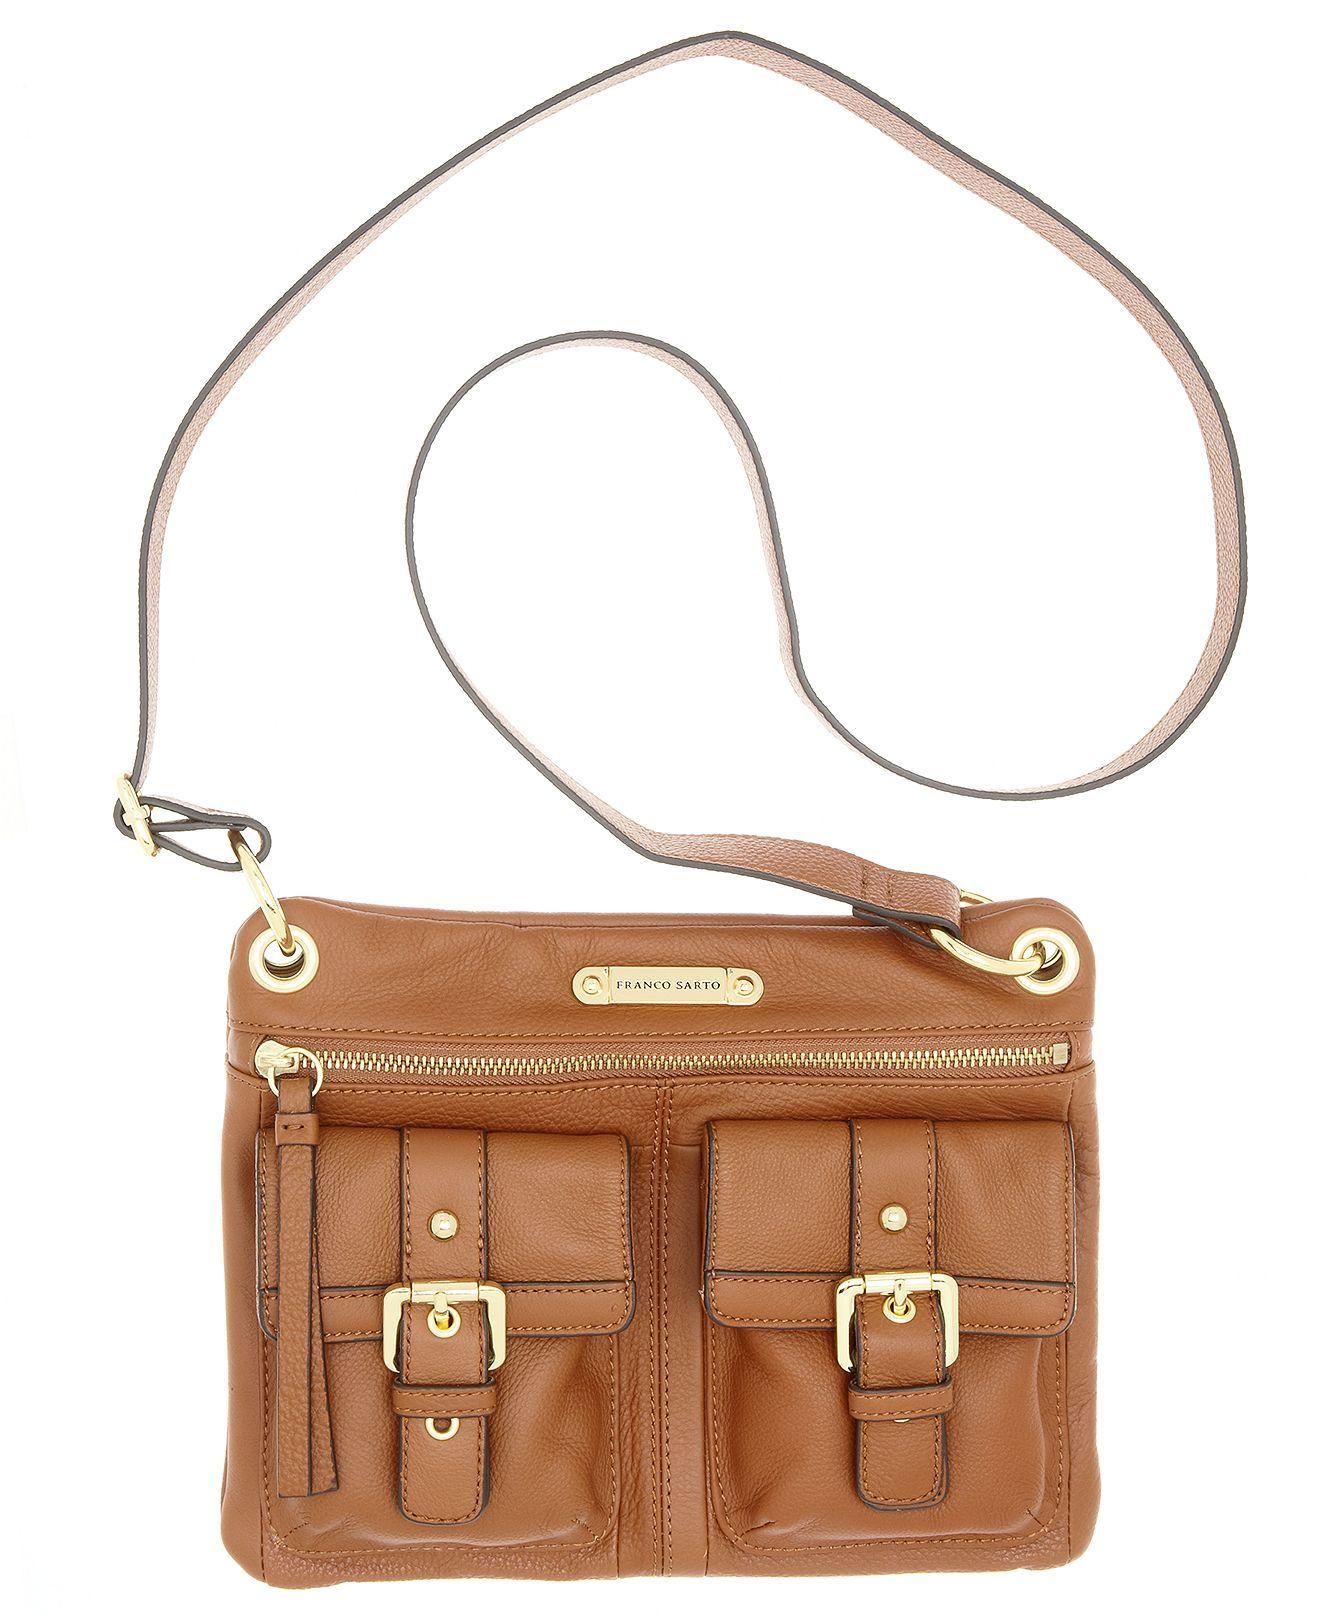 01f1b561c5f9 Franco Sarto Handbag